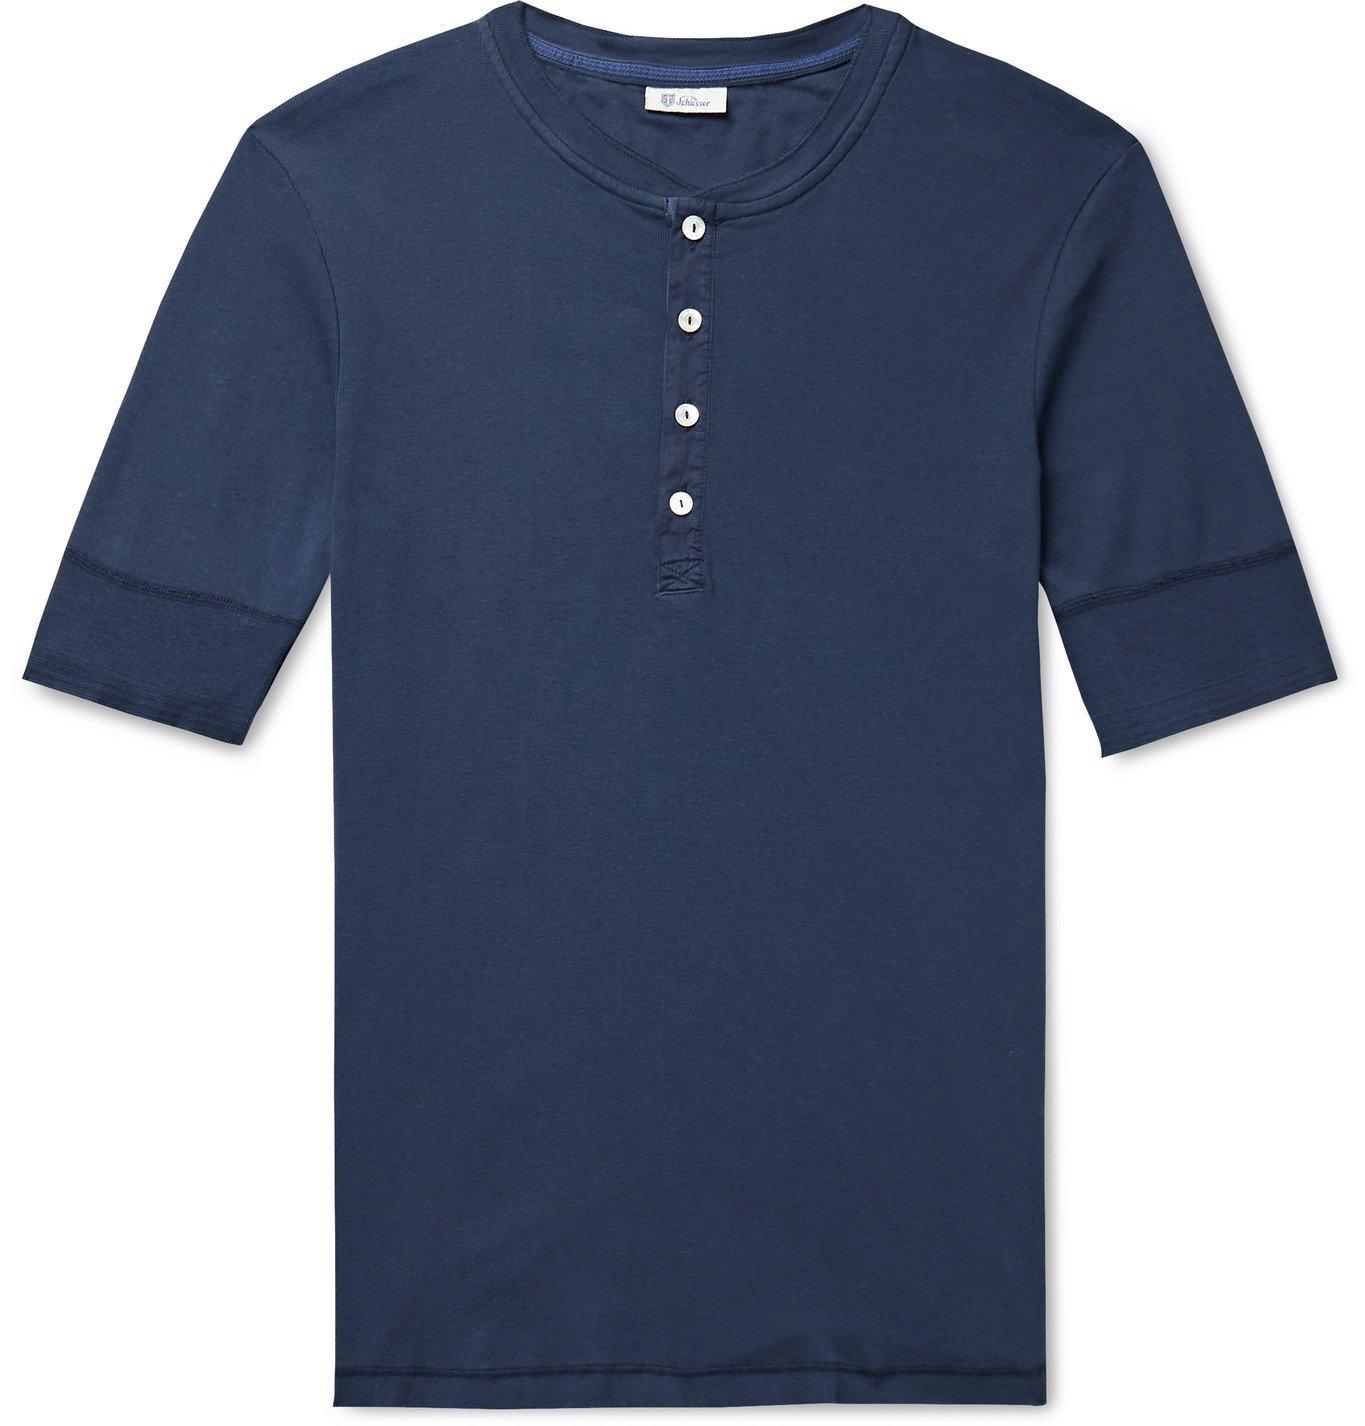 SCHIESSER - Karl Heinz Slim-Fit Cotton-Jersey Henley T-Shirt - Blue